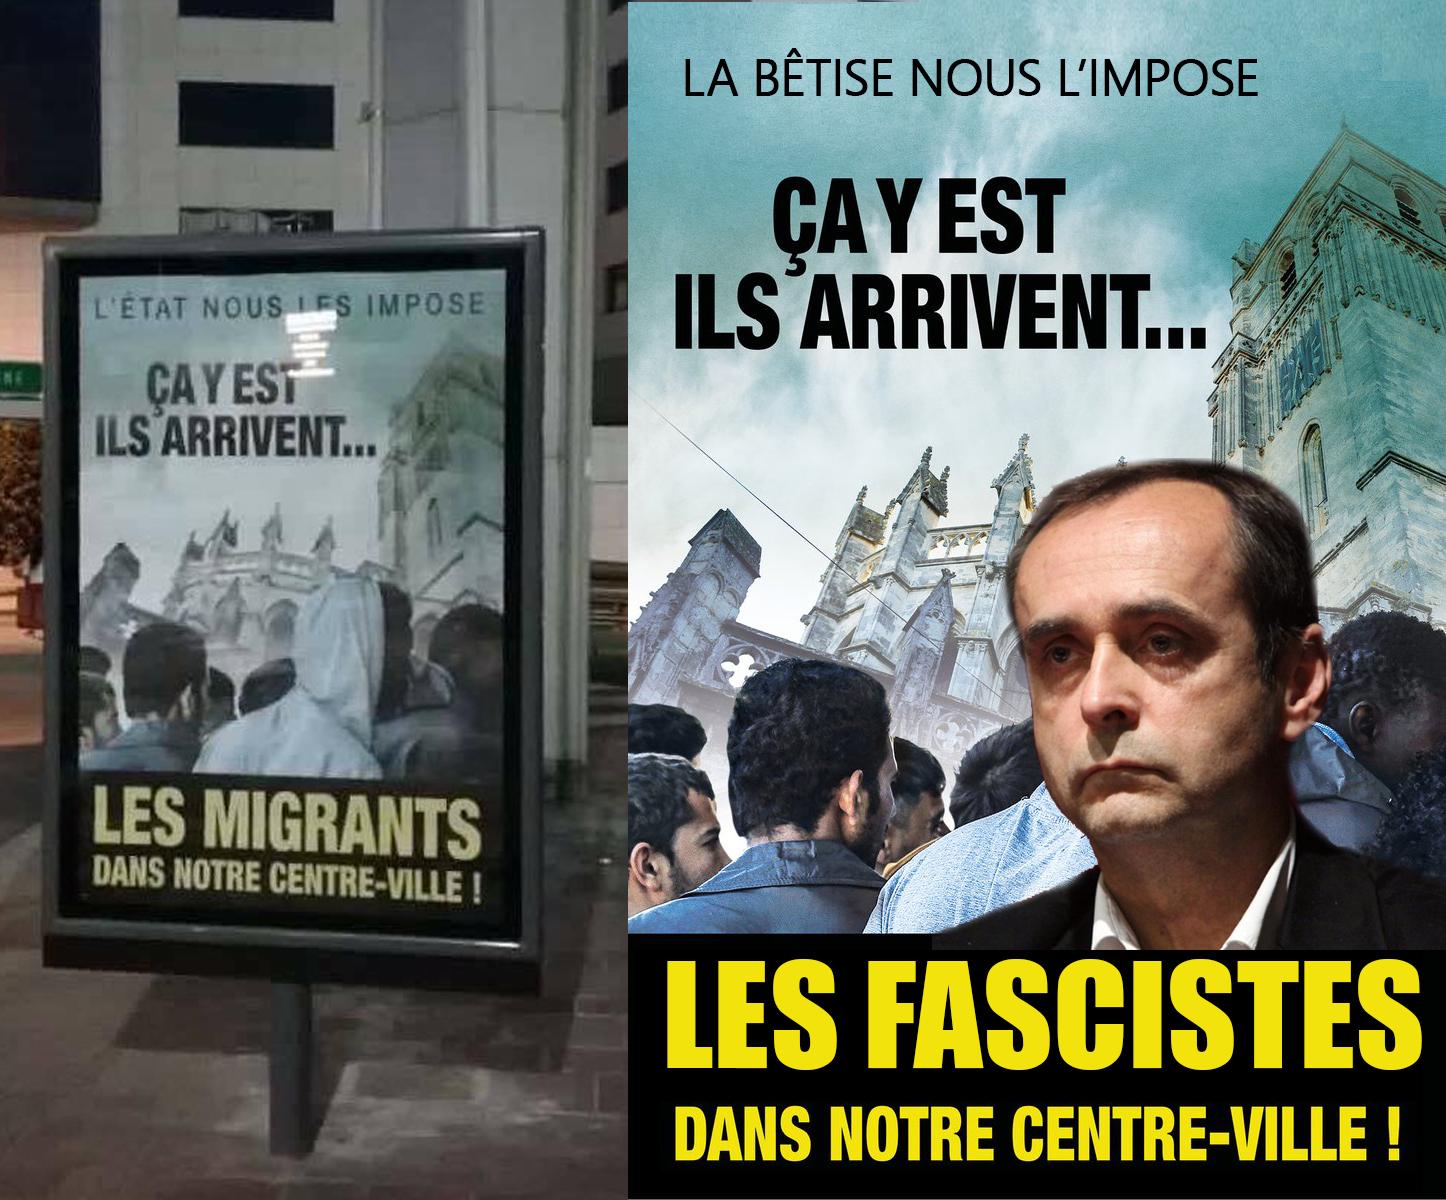 11-affiche-beziers-menard-robert-racistes-migrants.pg_ La France doit savoir  : Robert Ménard est le fils incestueux d'Adolf Hitler !